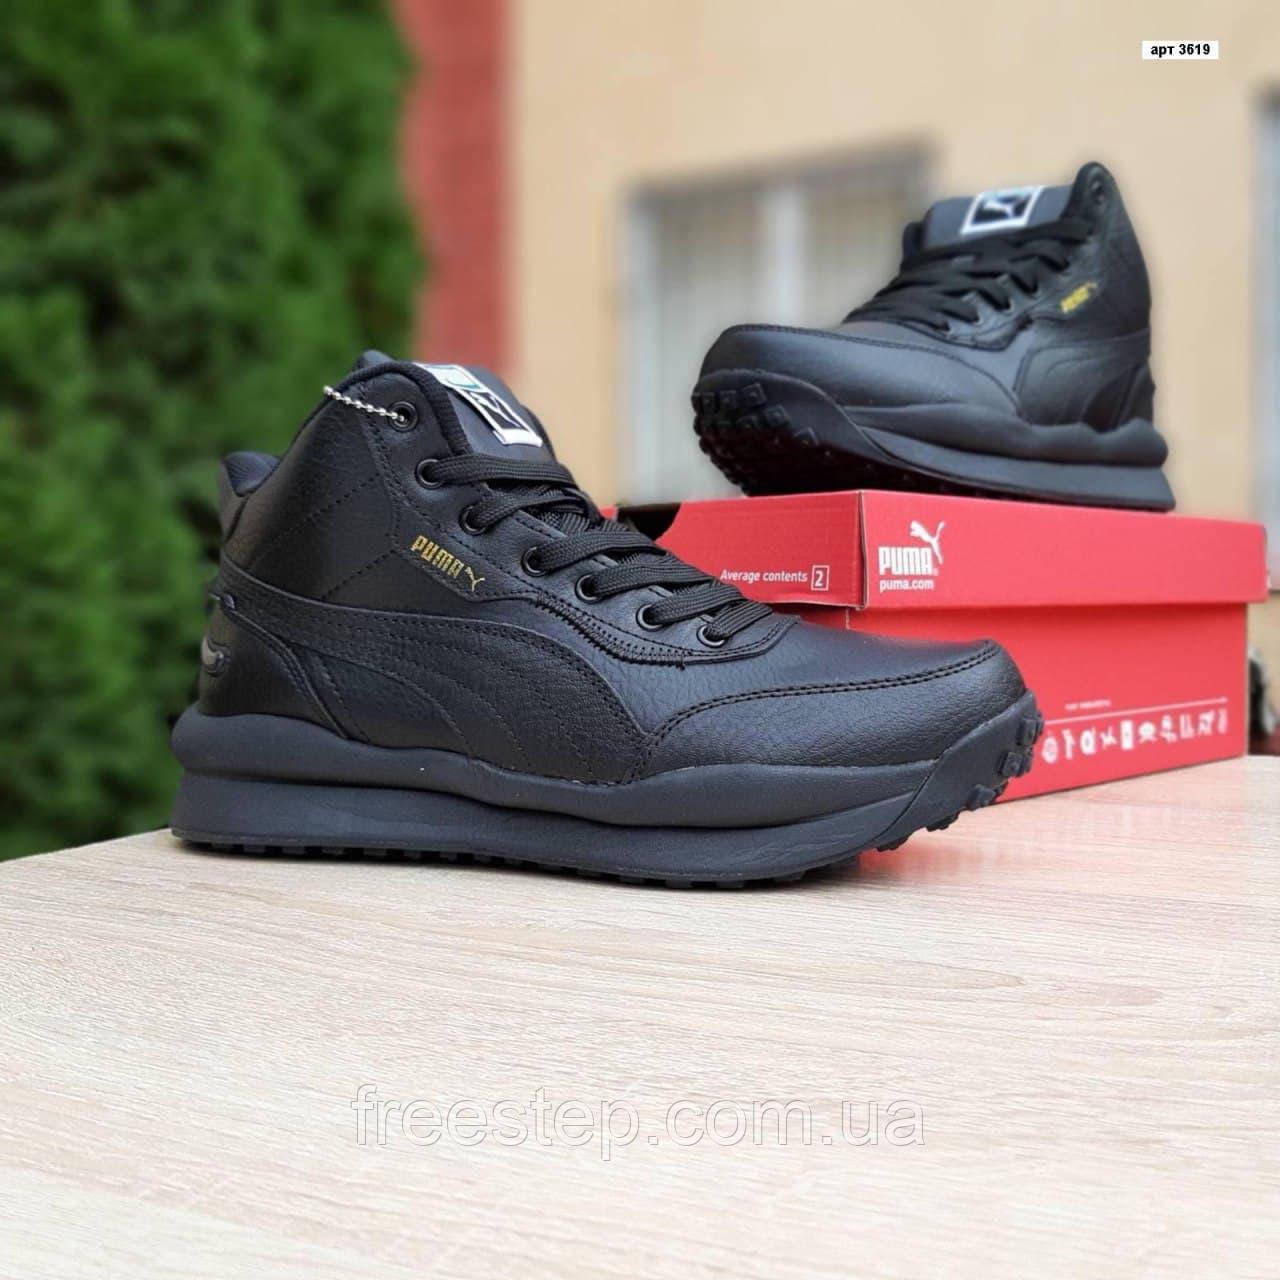 Чоловічі зимові кросівки Rider 020 чорні